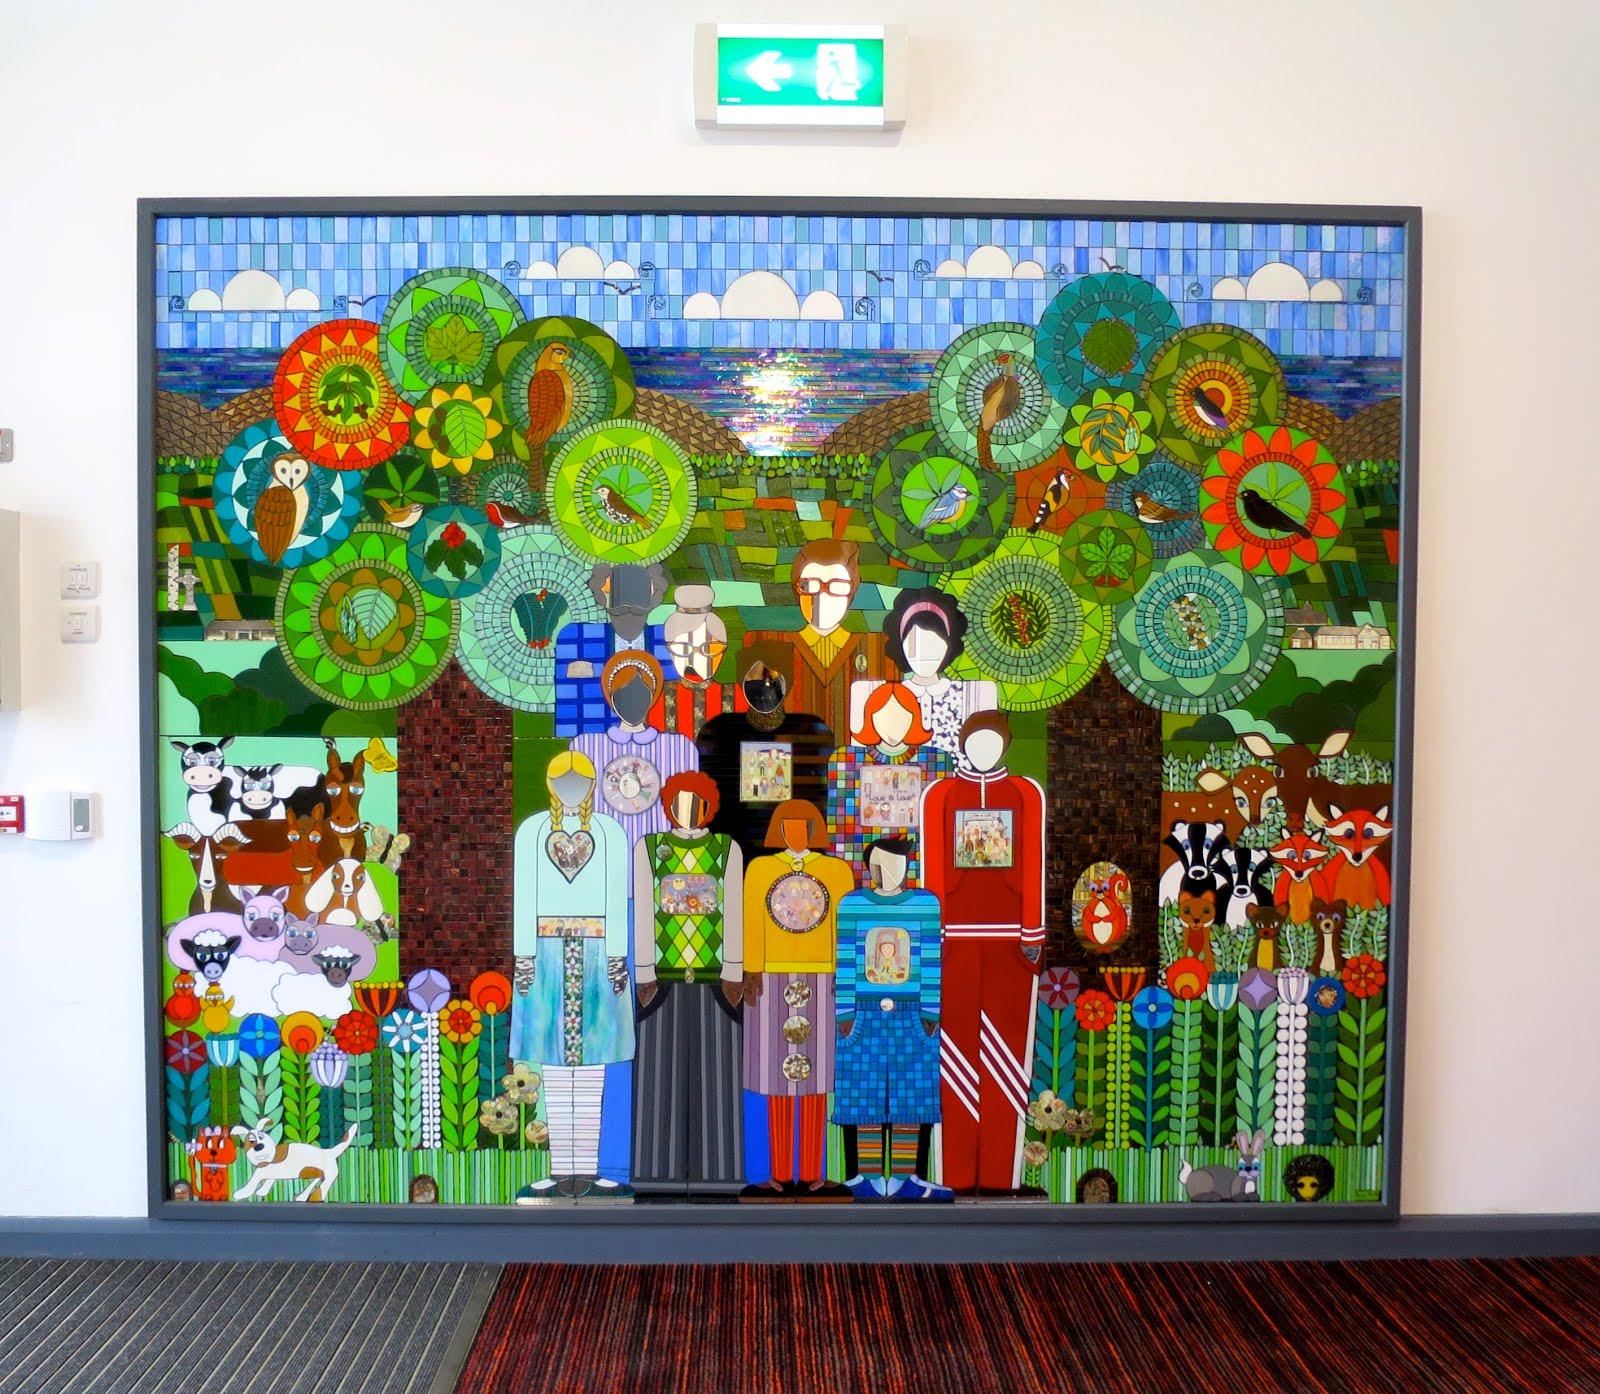 The Scoil Naomh Buithe Mosaic